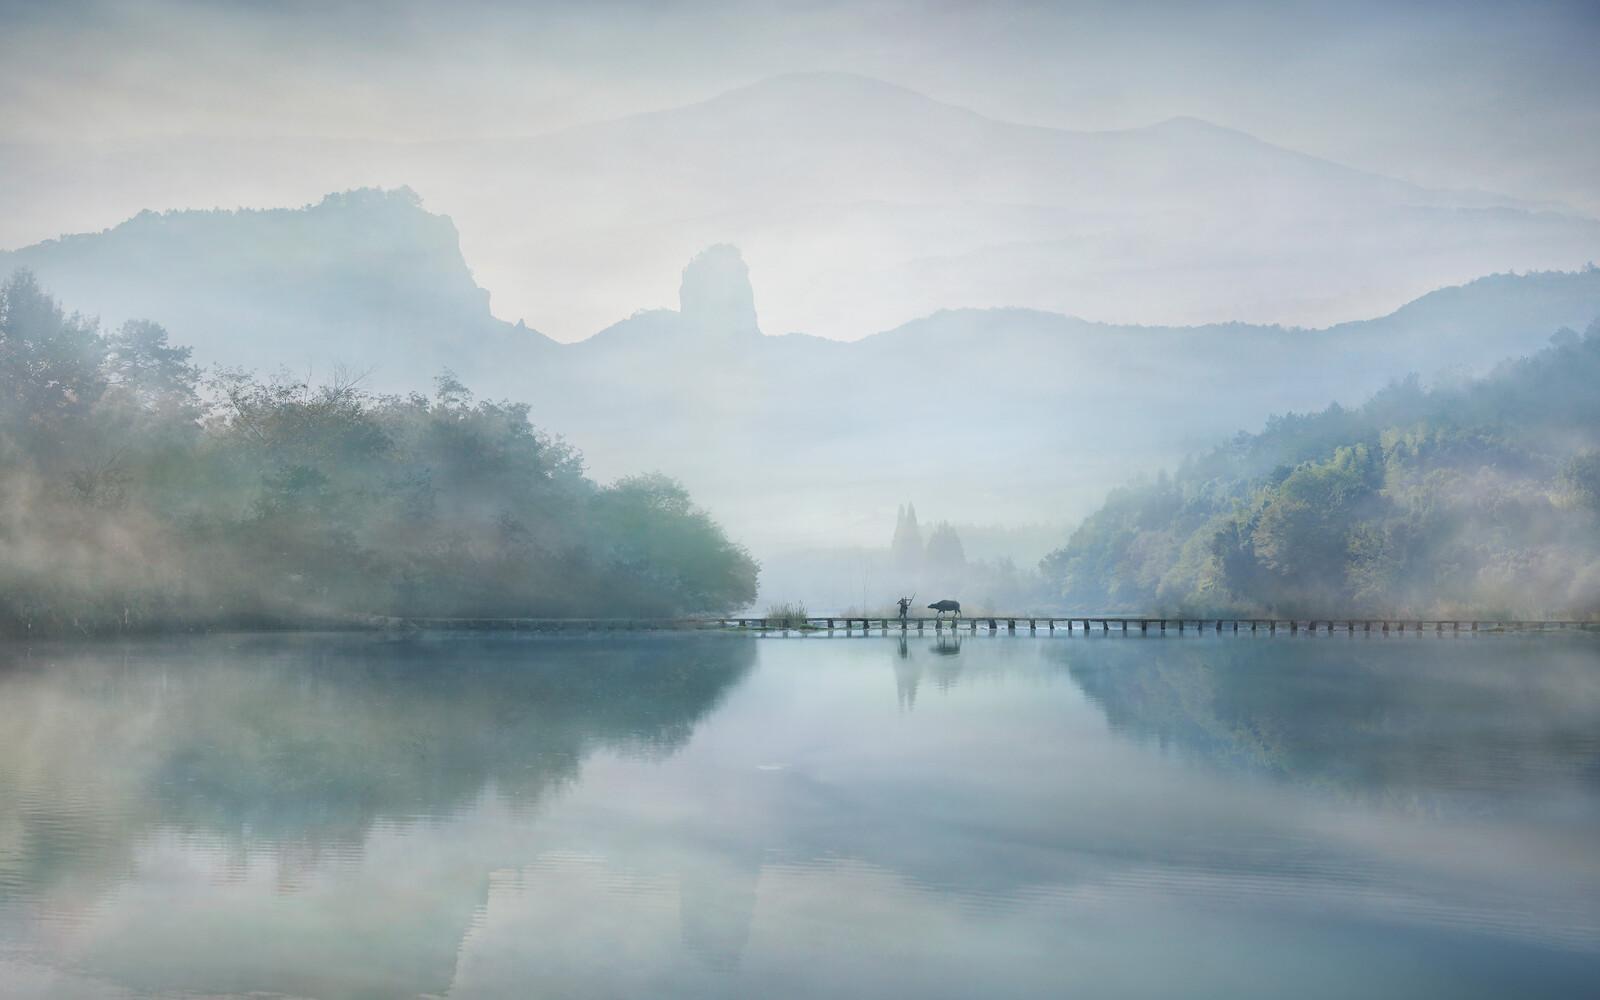 Morning on the river - Vladimir Proshin